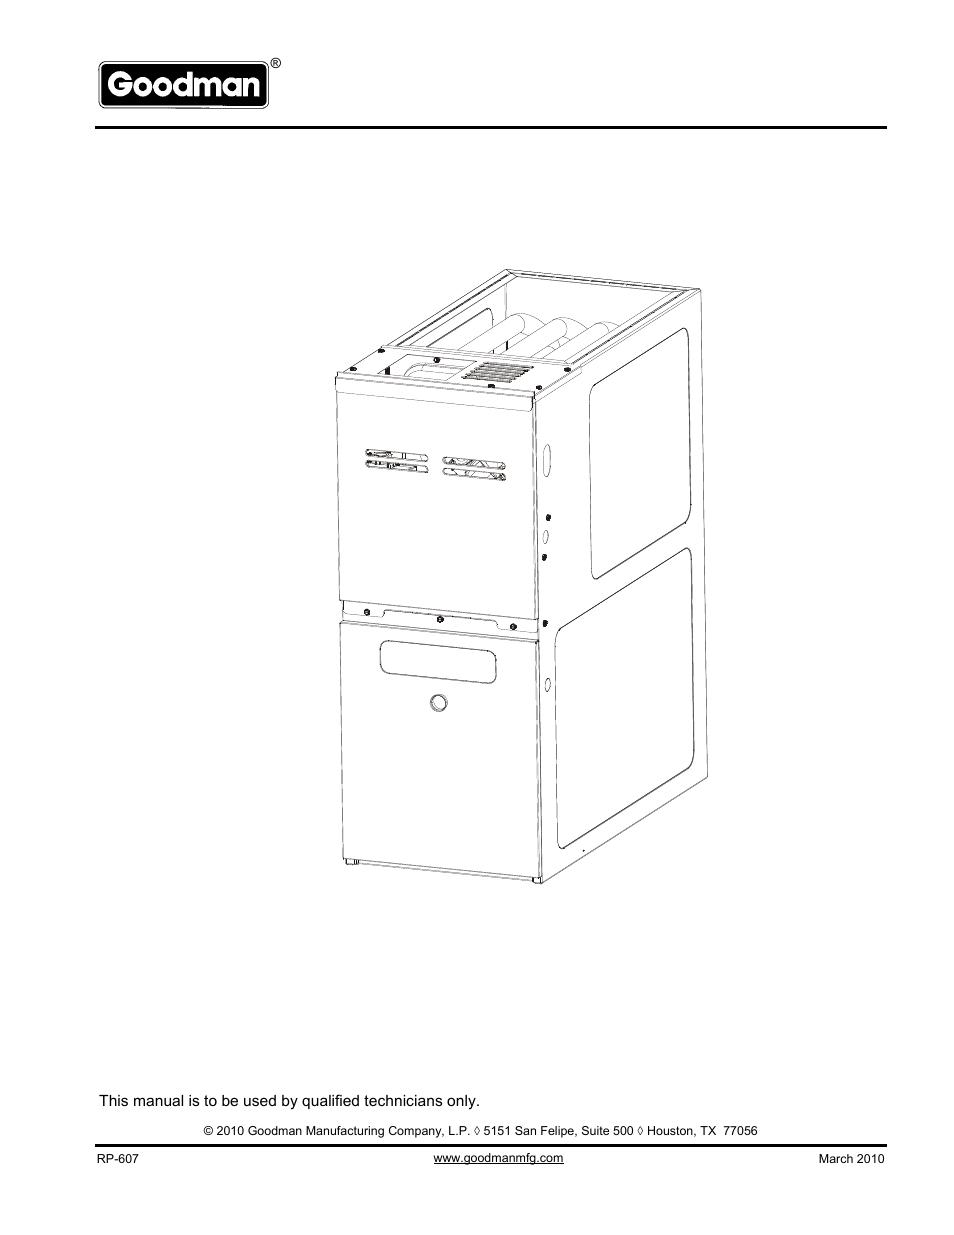 Goodman Mfg Gms80905cncc User Manual